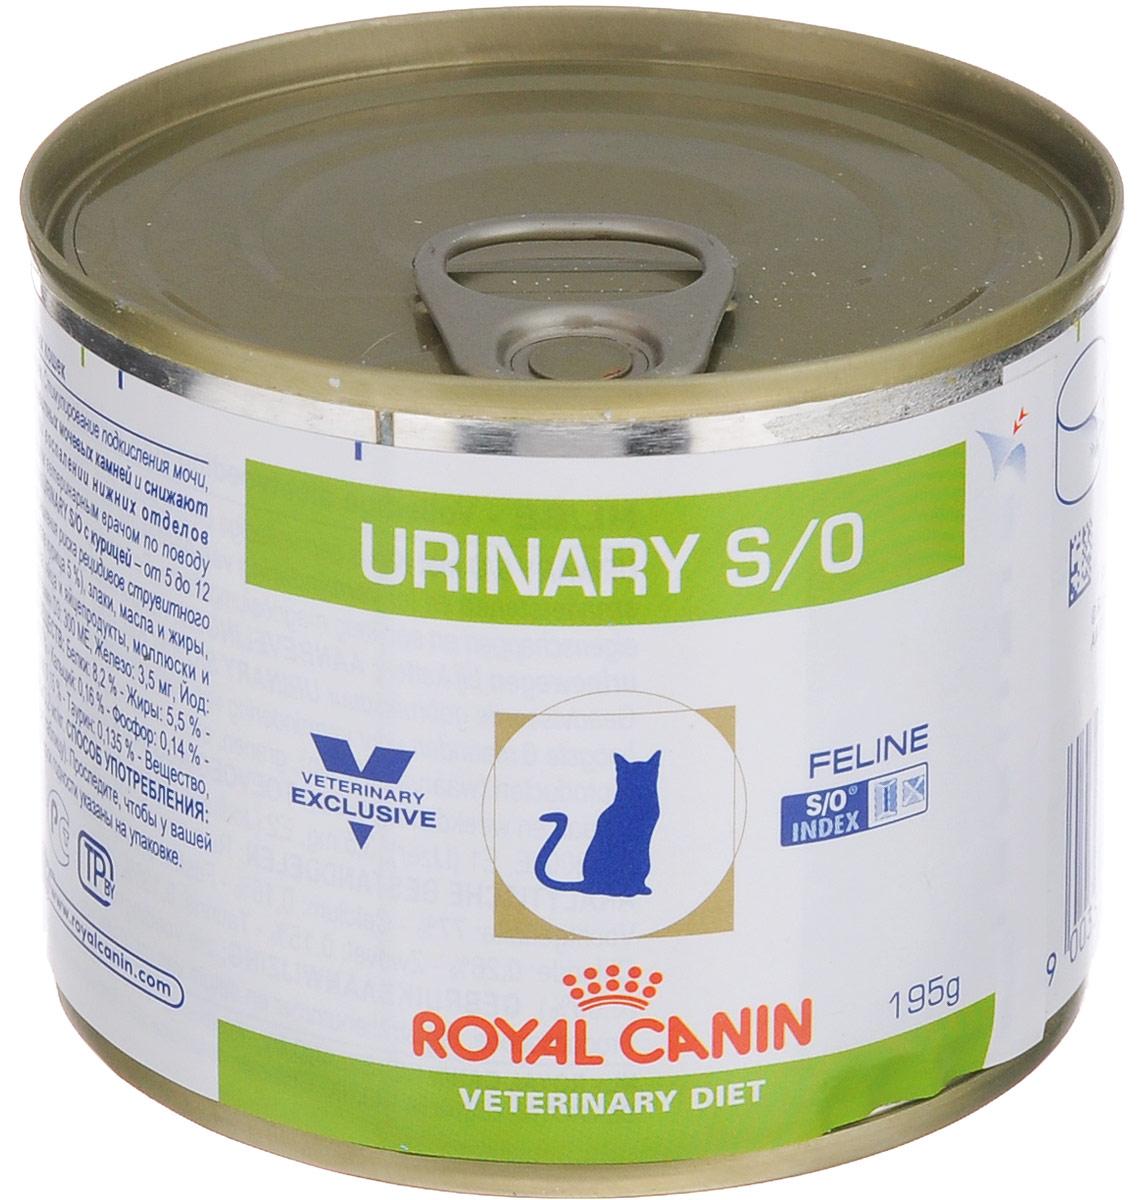 Консервы Royal Canin Urinary Feline S/O для кошек, при заболеваниях мочекаменной болезнью, 195 г54638Консервы Royal Canin Urinary Feline S/O предназначены для кошек с заболеваниями нижних мочевыводящих путей. Показания: - Растворение струвитов; - Профилактика рецидивов уролитиаза, вызываемого струвитами и оксалатами кальция. Примечание: - При повторяющемся идиопатическом цистите рекомендуется влажный диетический корм Urinary S/O Feline; - Перед назначением пожилым животным корма Urinary S/O Feline необходимо убедиться в нормальном функционировании их почек. Противопоказания: - Беременность, лактация, рост; - Хроническая почечная недостаточность; - Метаболический ацидоз; - Сердечная недостаточность; - Гипертония; - Применение лекарственных препаратов, которые используются для подкисления мочи. Длительность курса применения: Струвитные камни растворяются при применении специальной диеты в течение 5-12 недель. Для предупреждения рецидивов уролитиаза курс лечения следует...